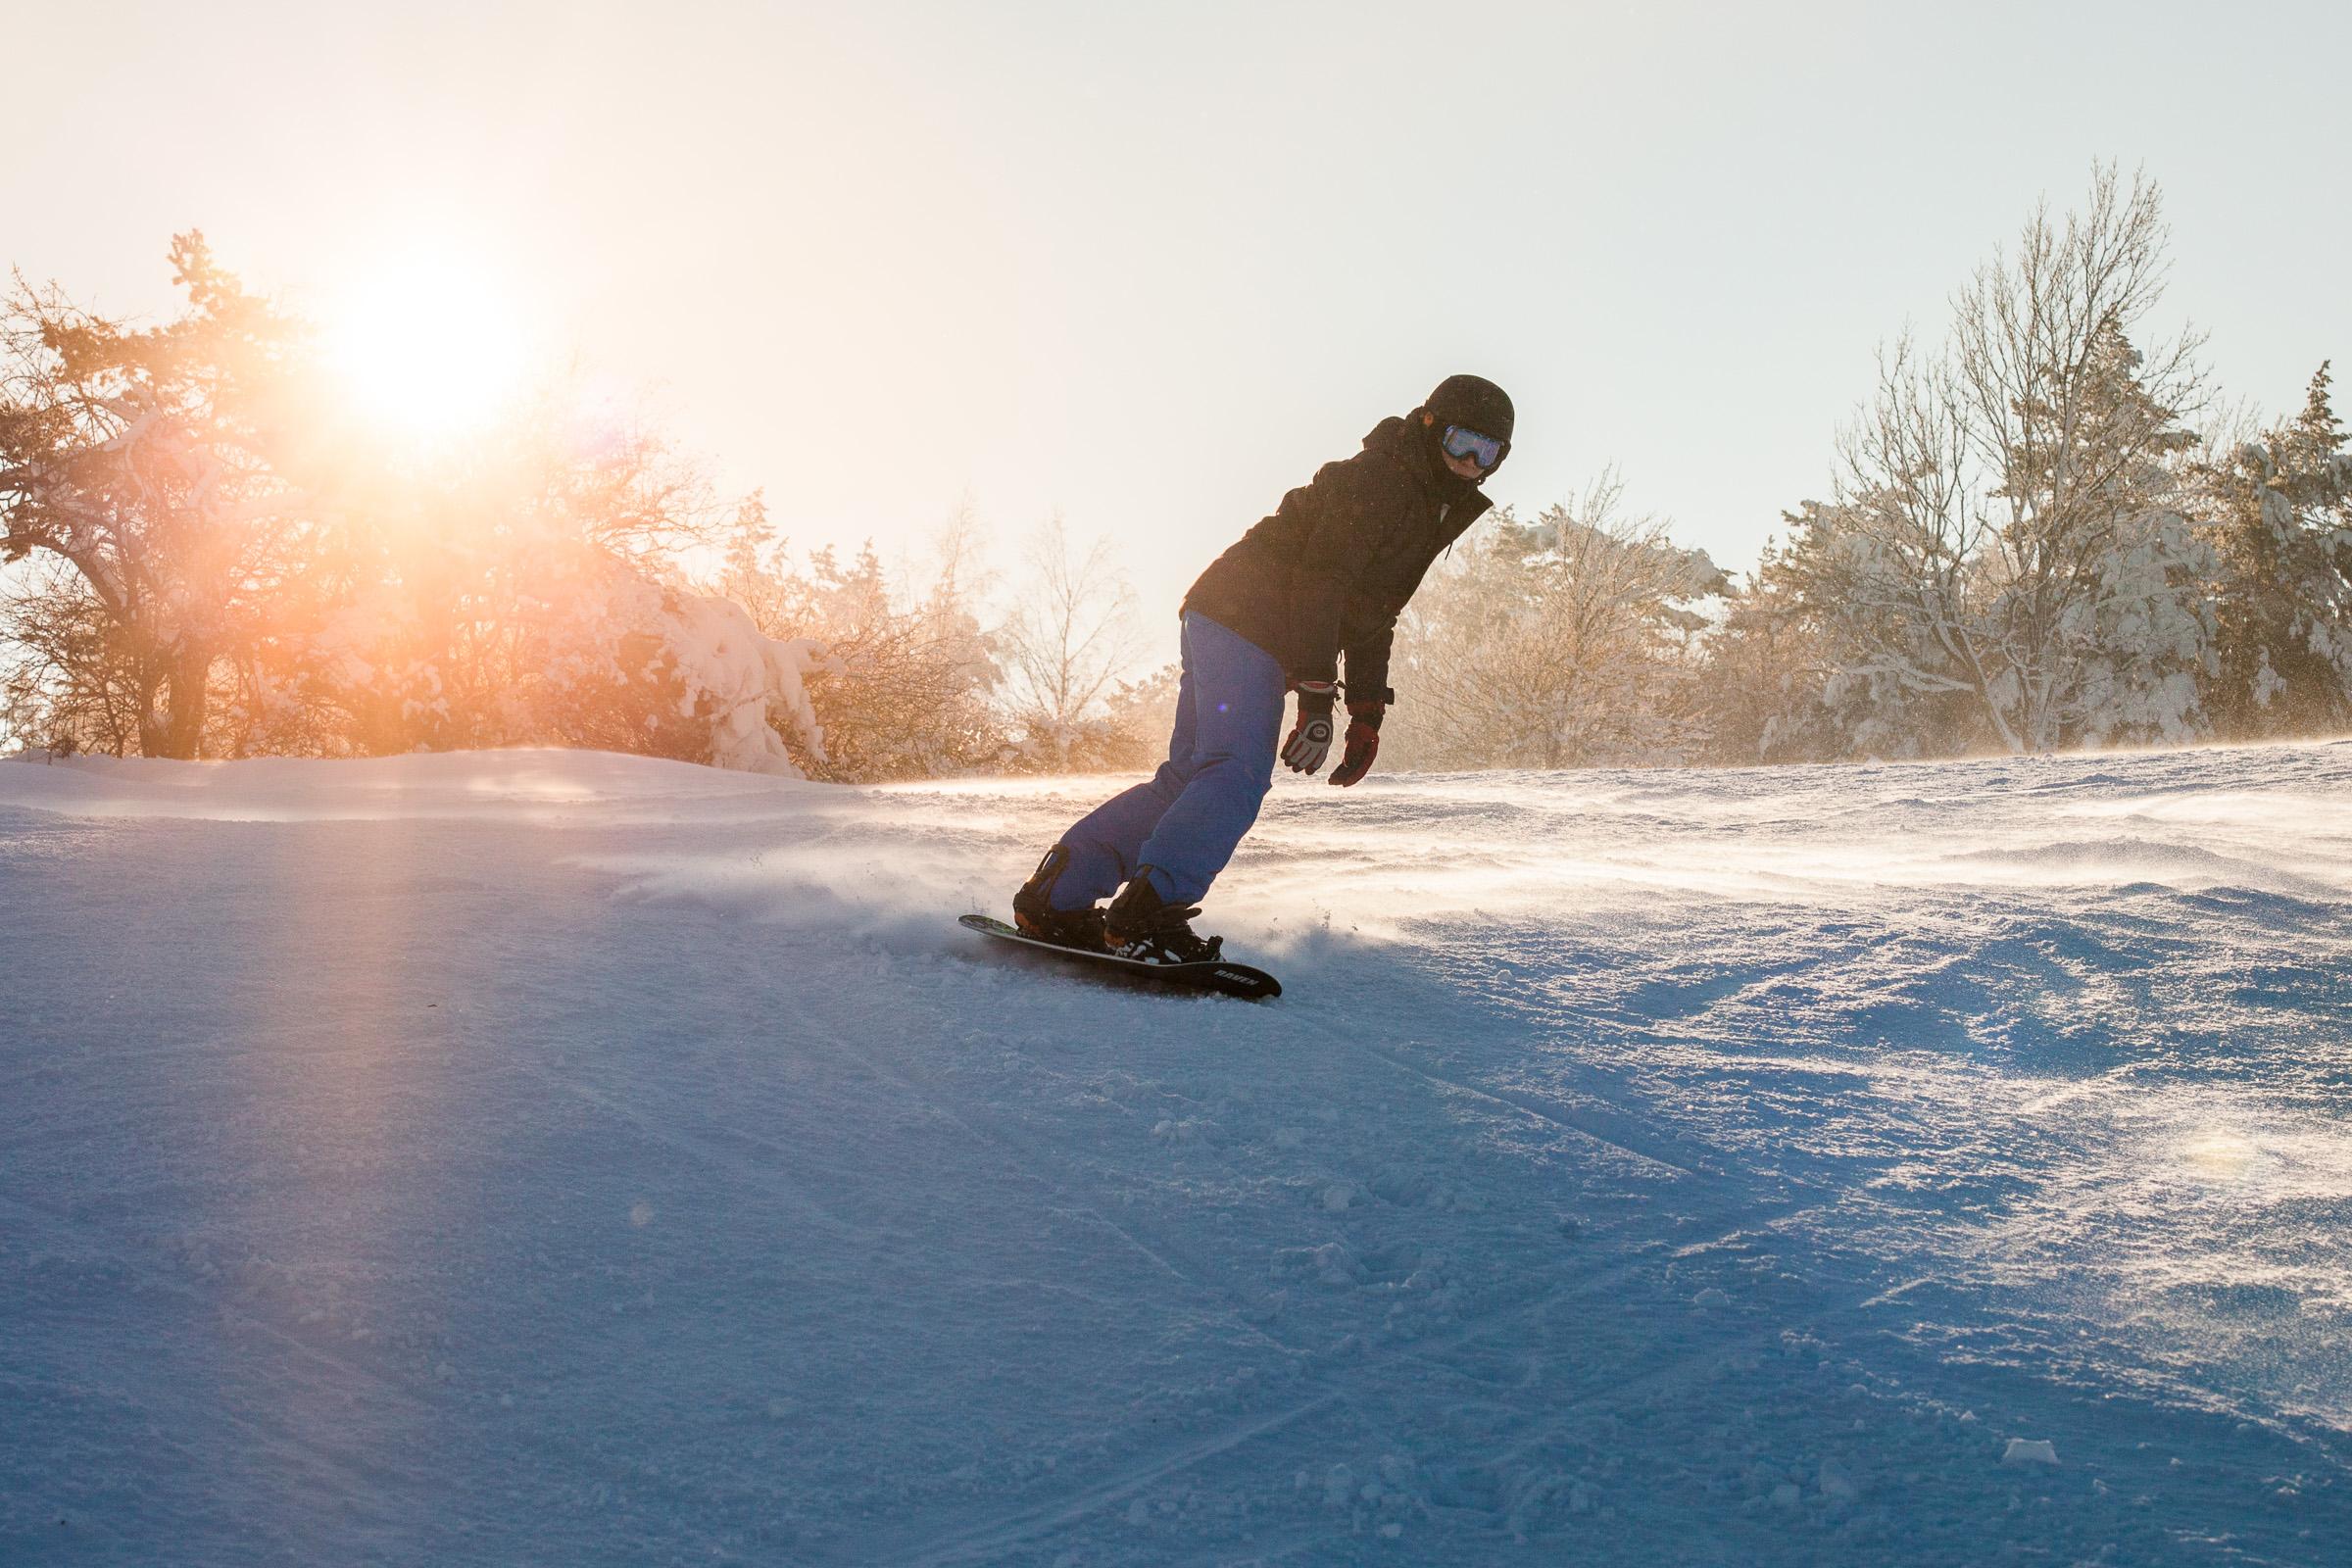 Stok narciarski. Fot: Michał Bosek